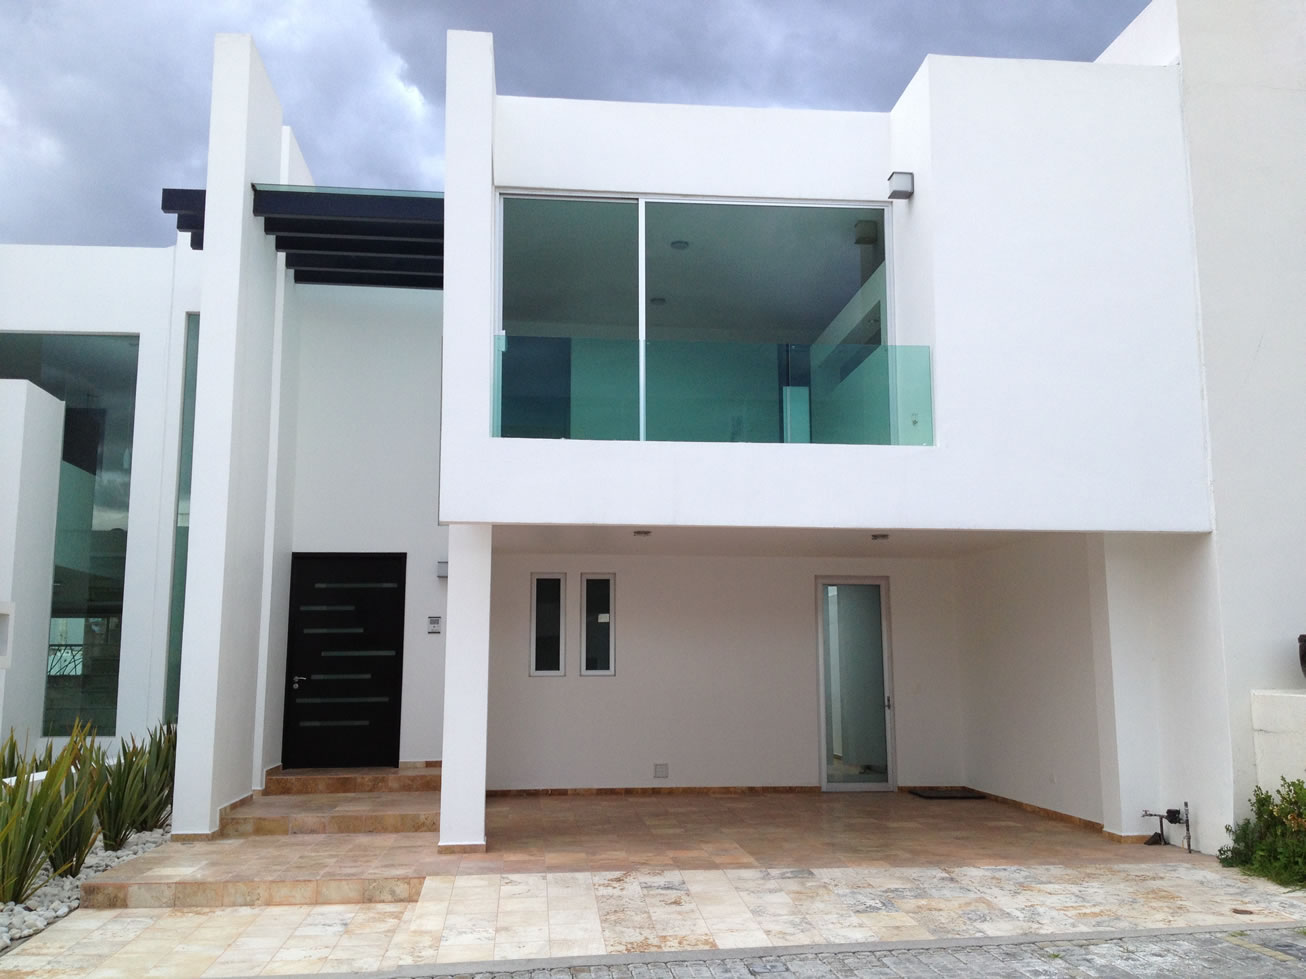 Venta de casa nueva angel polis puebla cardif 19 for Busco casa en renta